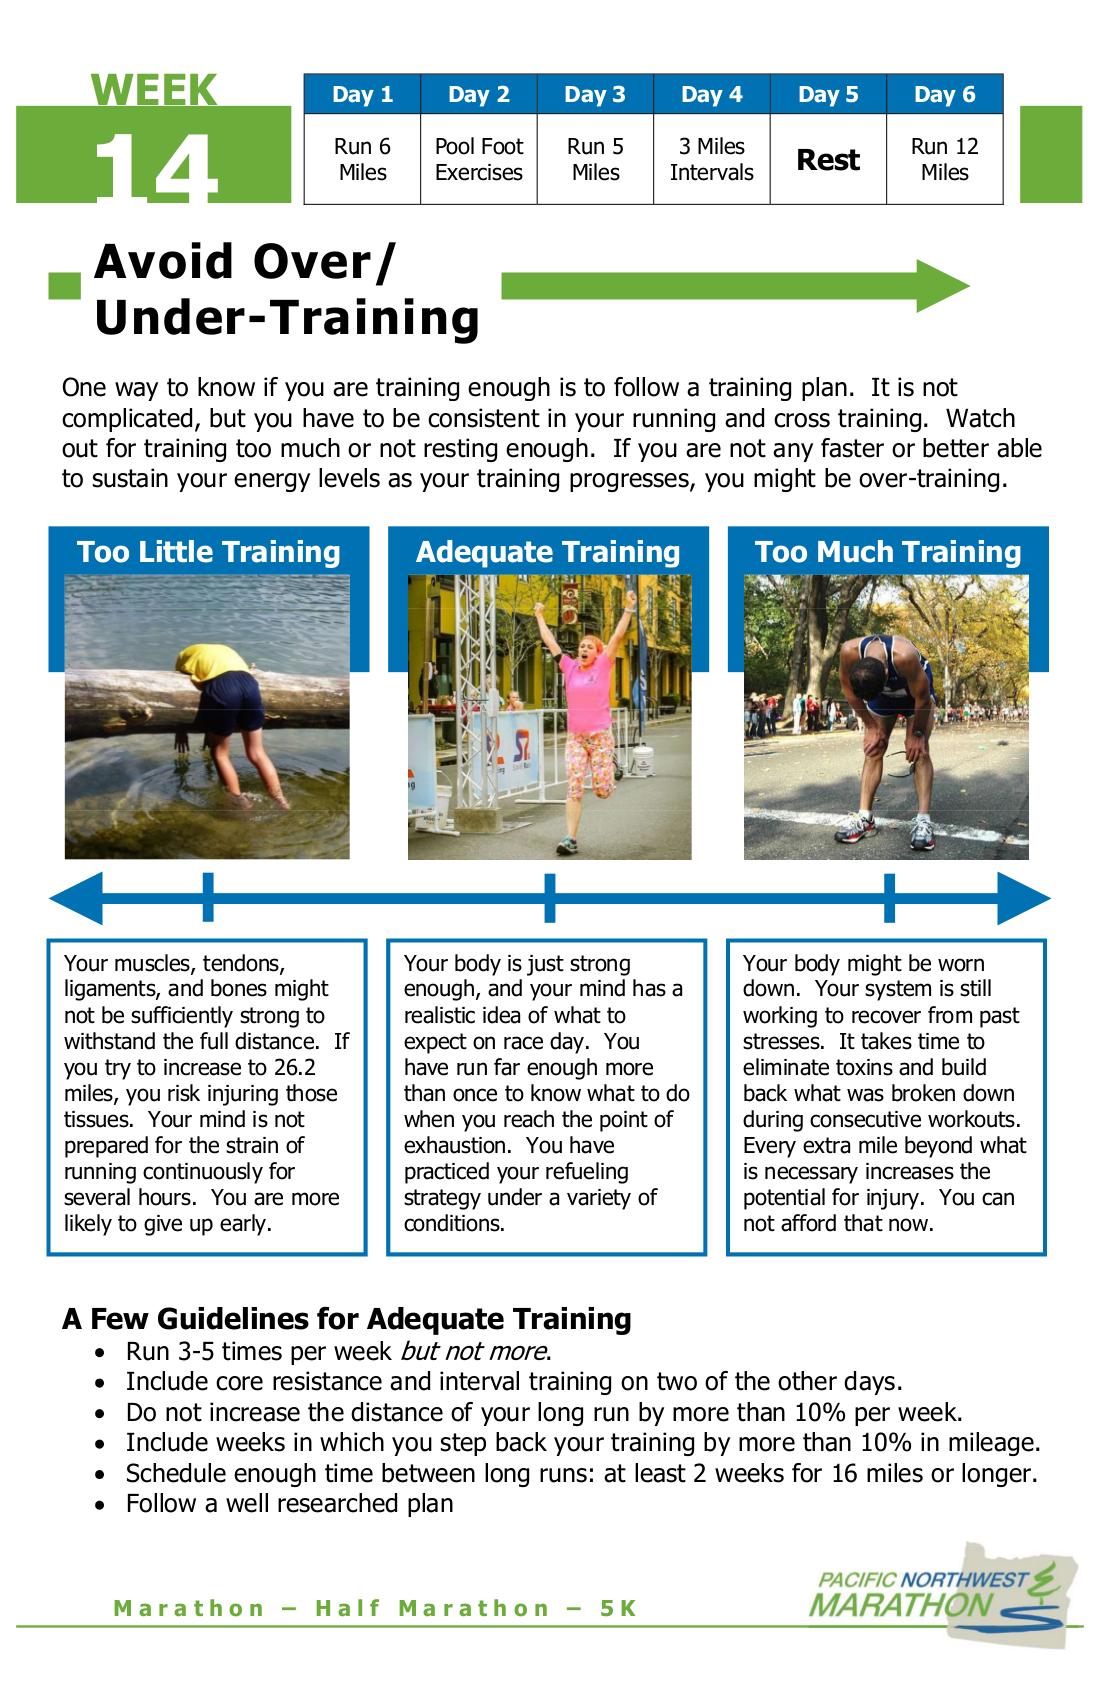 Week 14 Training Plan